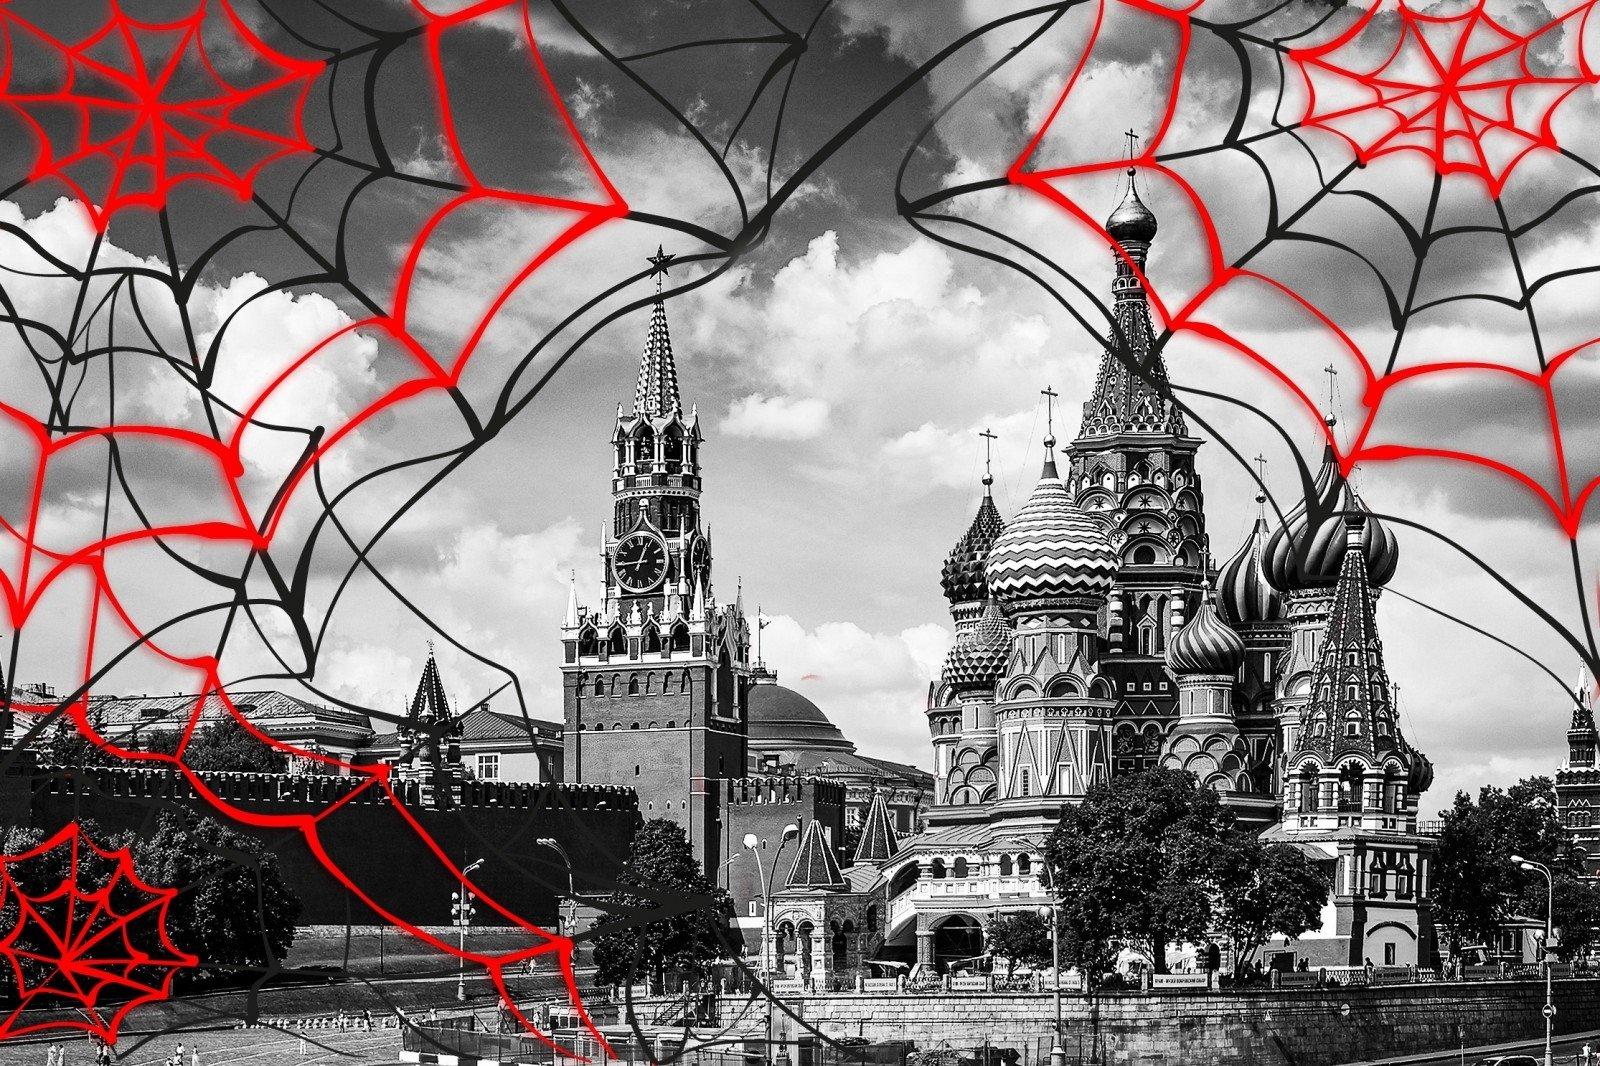 Полковник российской разведки более 10 лет руководил сетью журналистов в Литве, Латвии и Эстонии